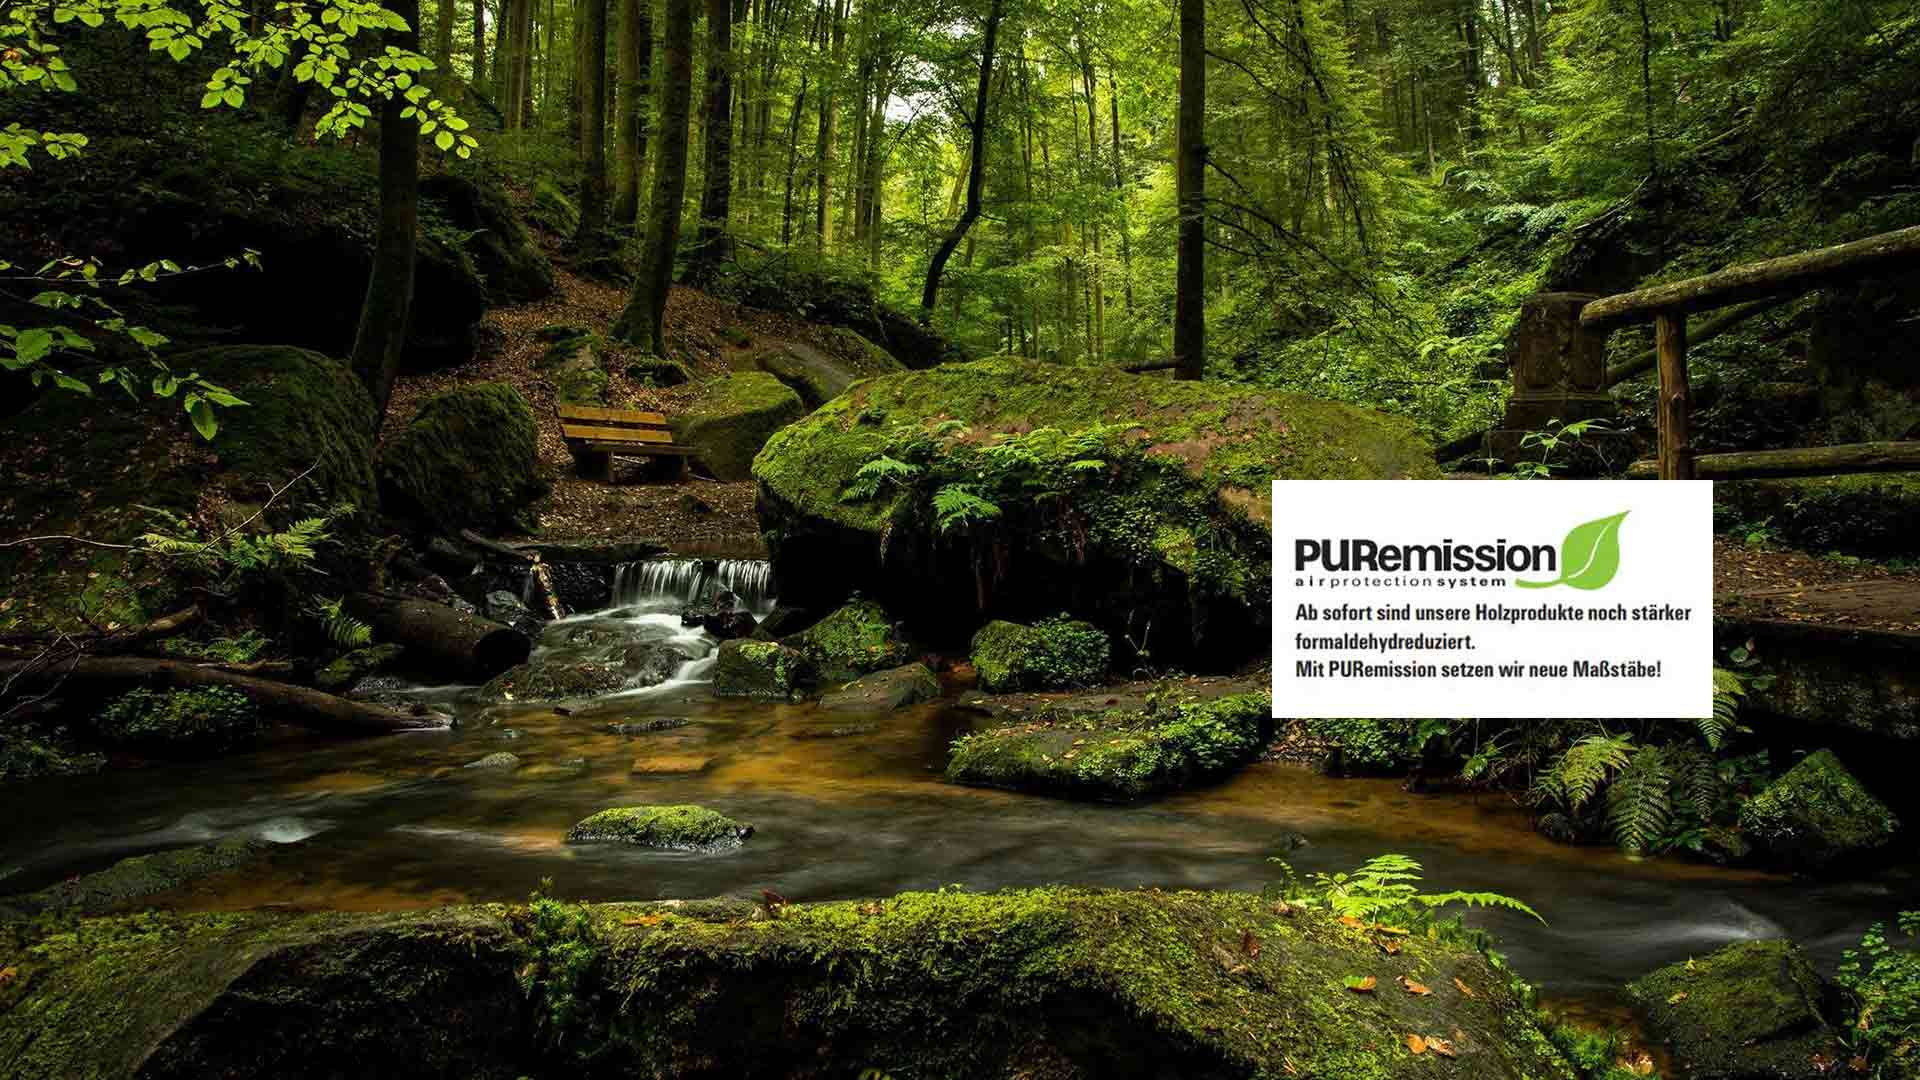 PURemmission | Reduzierte Formaldehyd-EmmisionenPURemmission